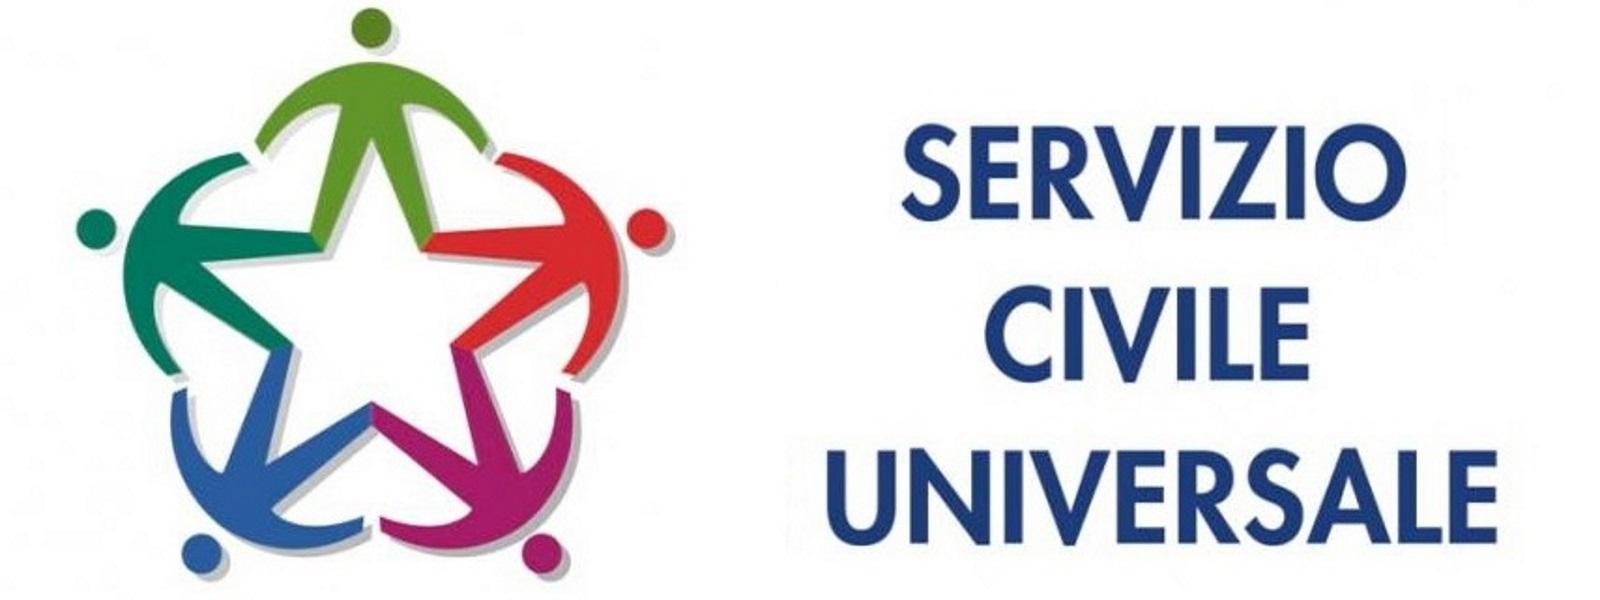 logo servizio civile universale orizzontale